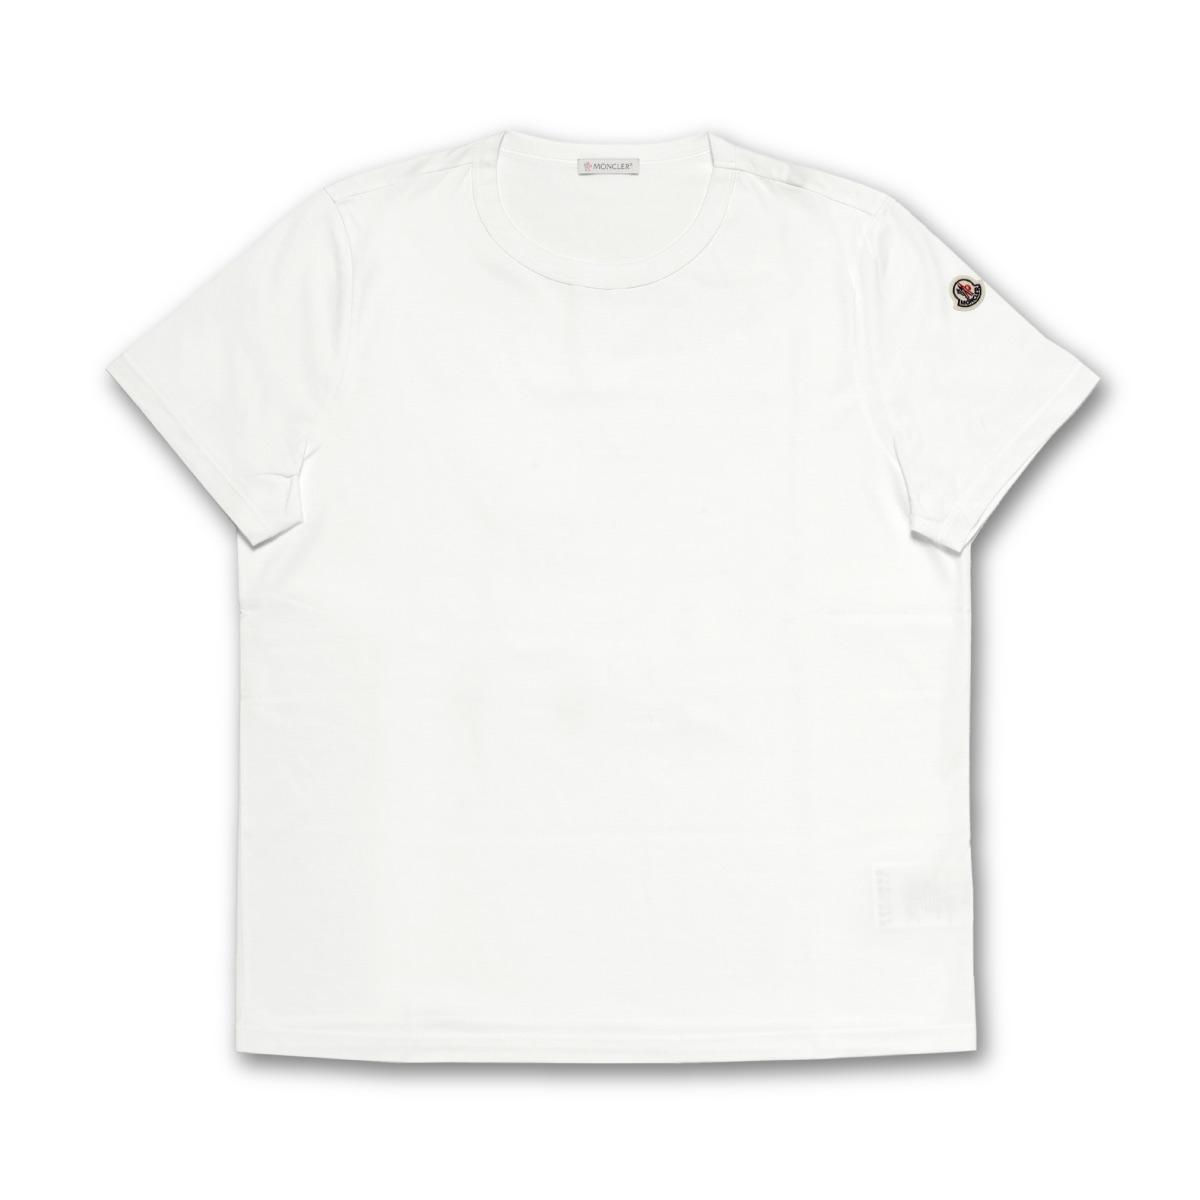 モンクレール MONCLER Tシャツ レディース 8083400 8390X 001 半袖Tシャツ WHITE ホワイト